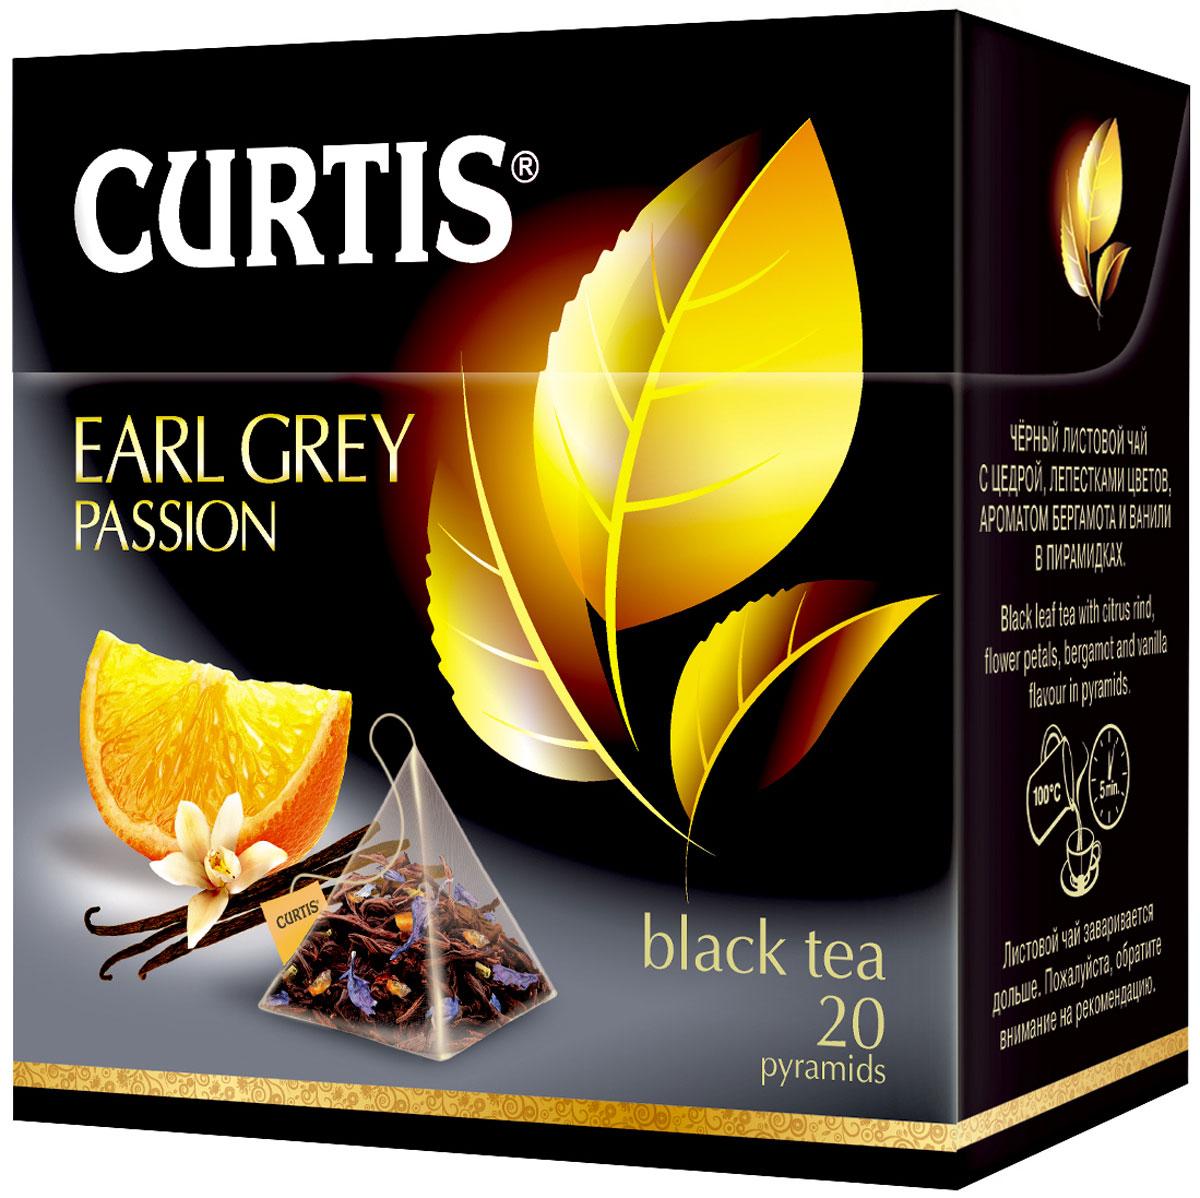 Curtis Earl Grey Passion черный чай в пакетиках, 20 шт чай чёрный newby earl grey пакетированный с ароматом бергамота